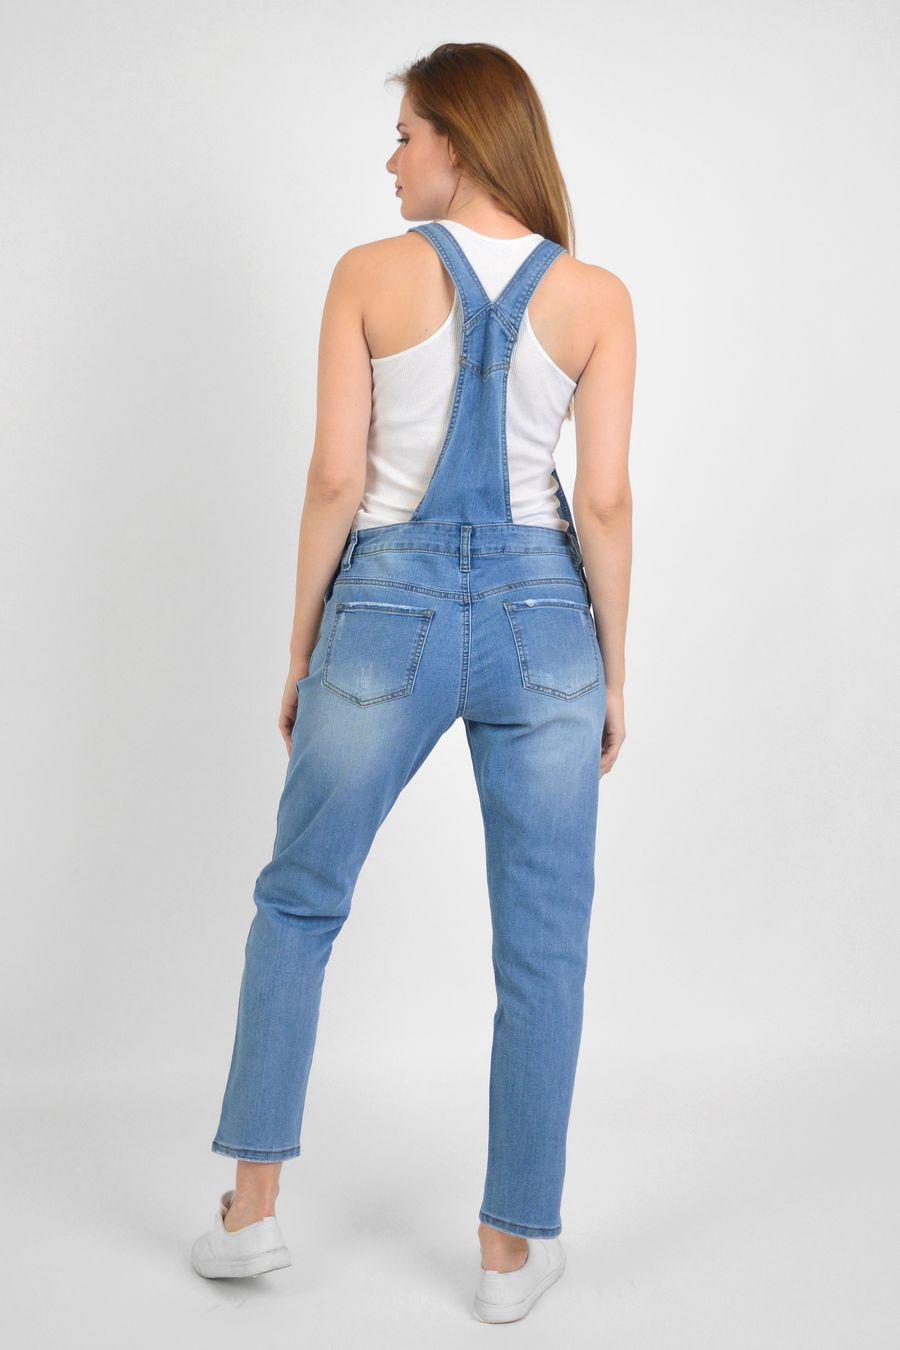 Комбинезон женский Baccino 3041 джинсовый - фото 4